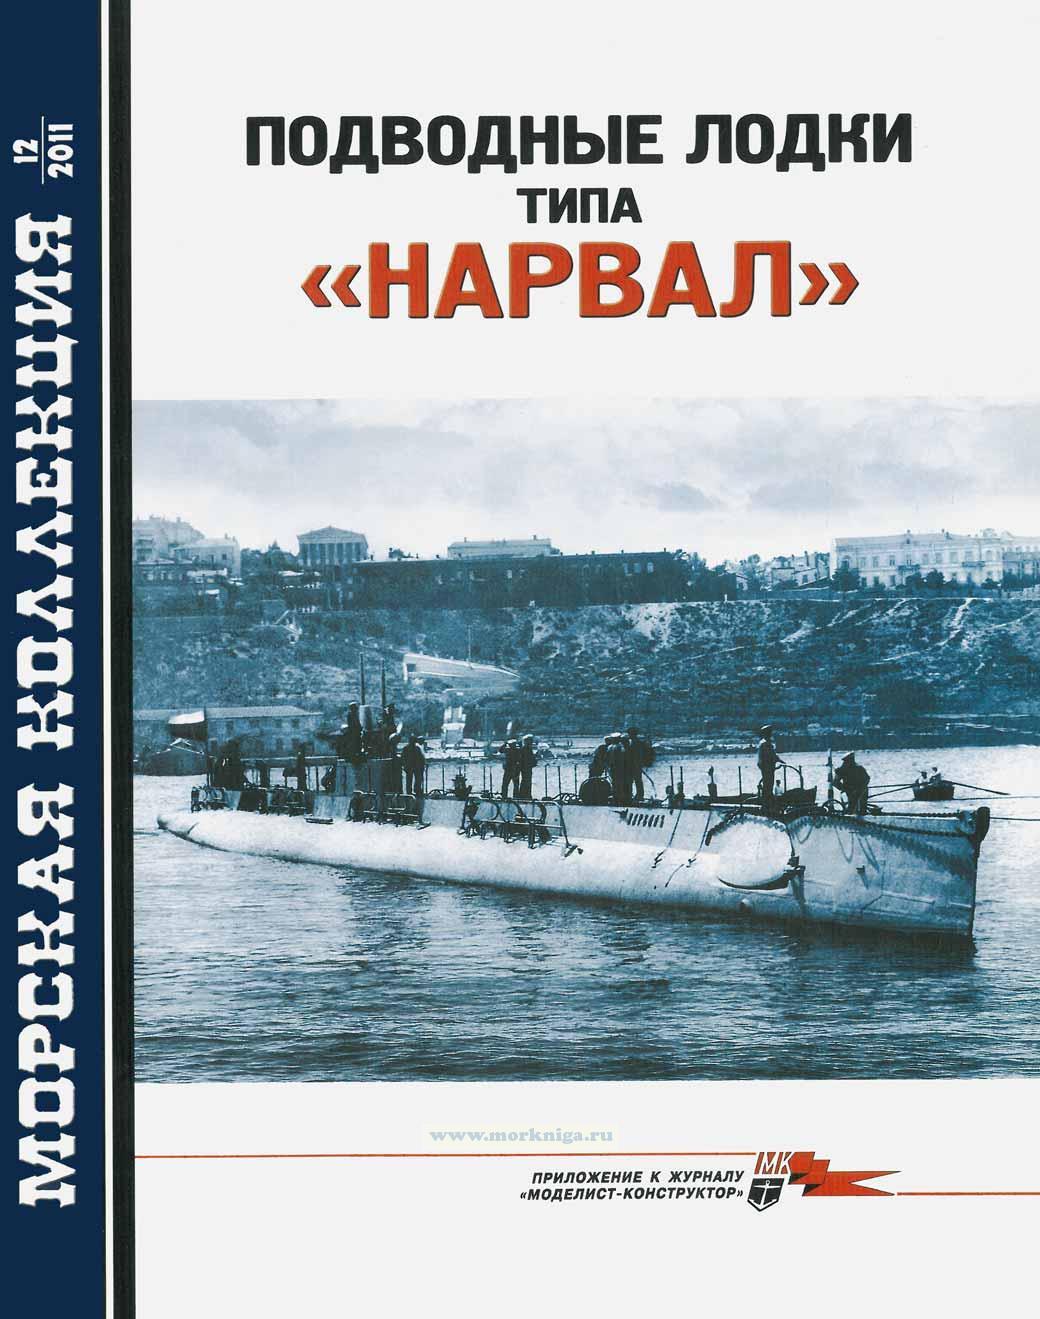 """Подводные лодки типа """"НАРВАЛ"""". Морская коллекция №12 (2011)"""